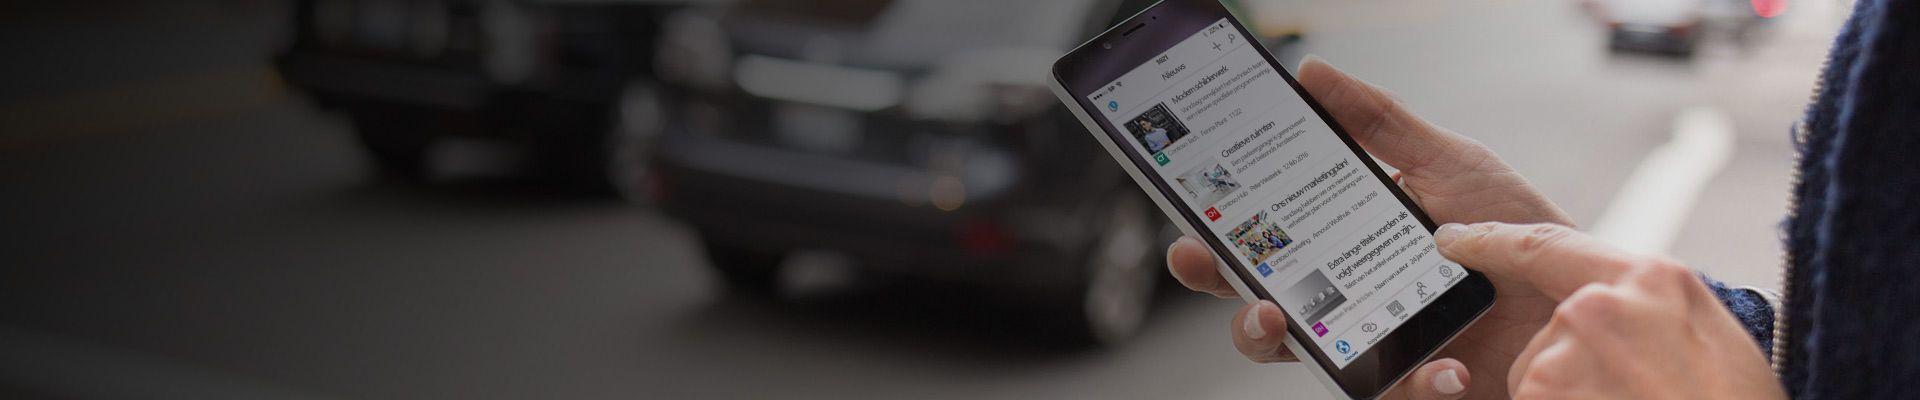 Een smartphone met SharePoint-nieuws afkomstig van sites